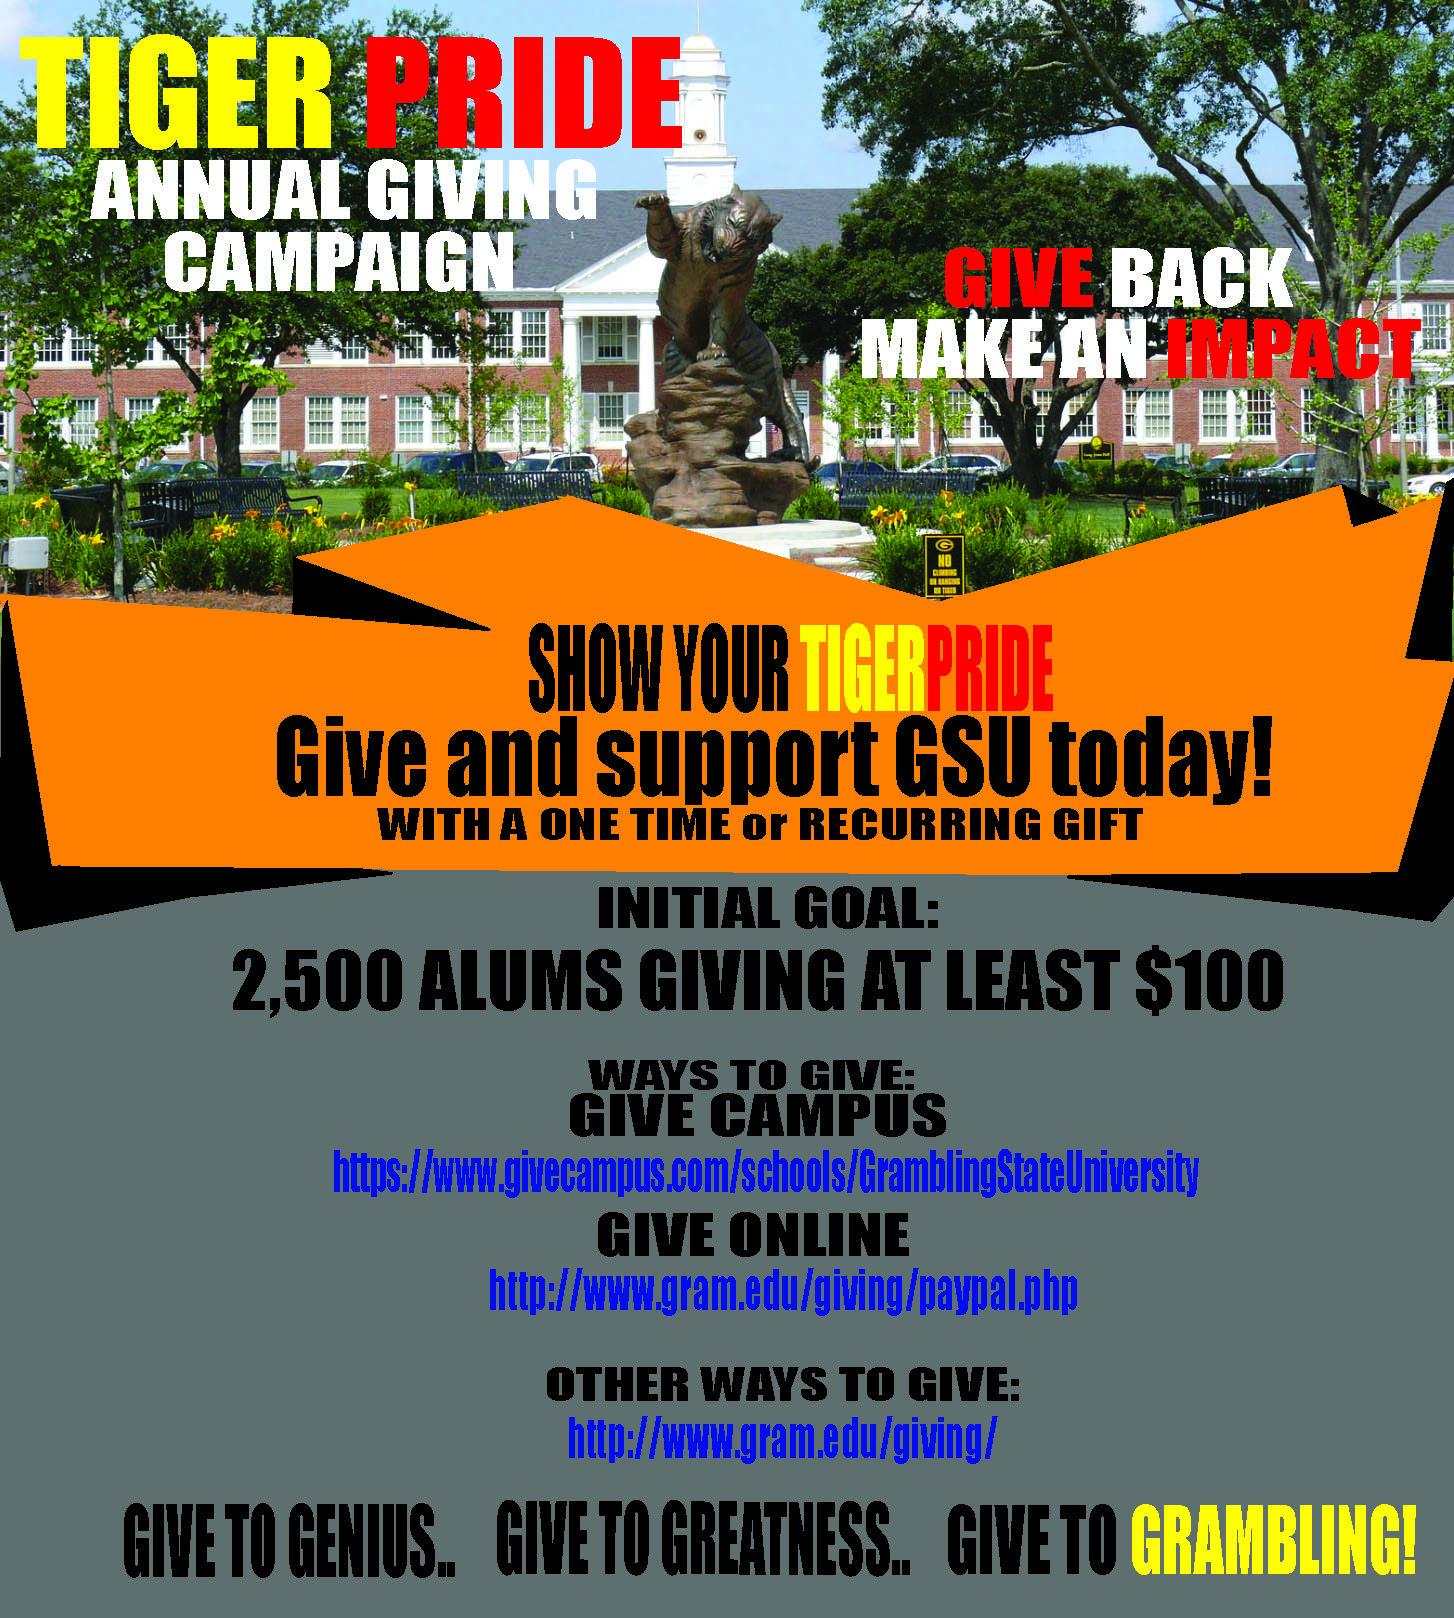 Tiger Pride Annual Giving Campaign